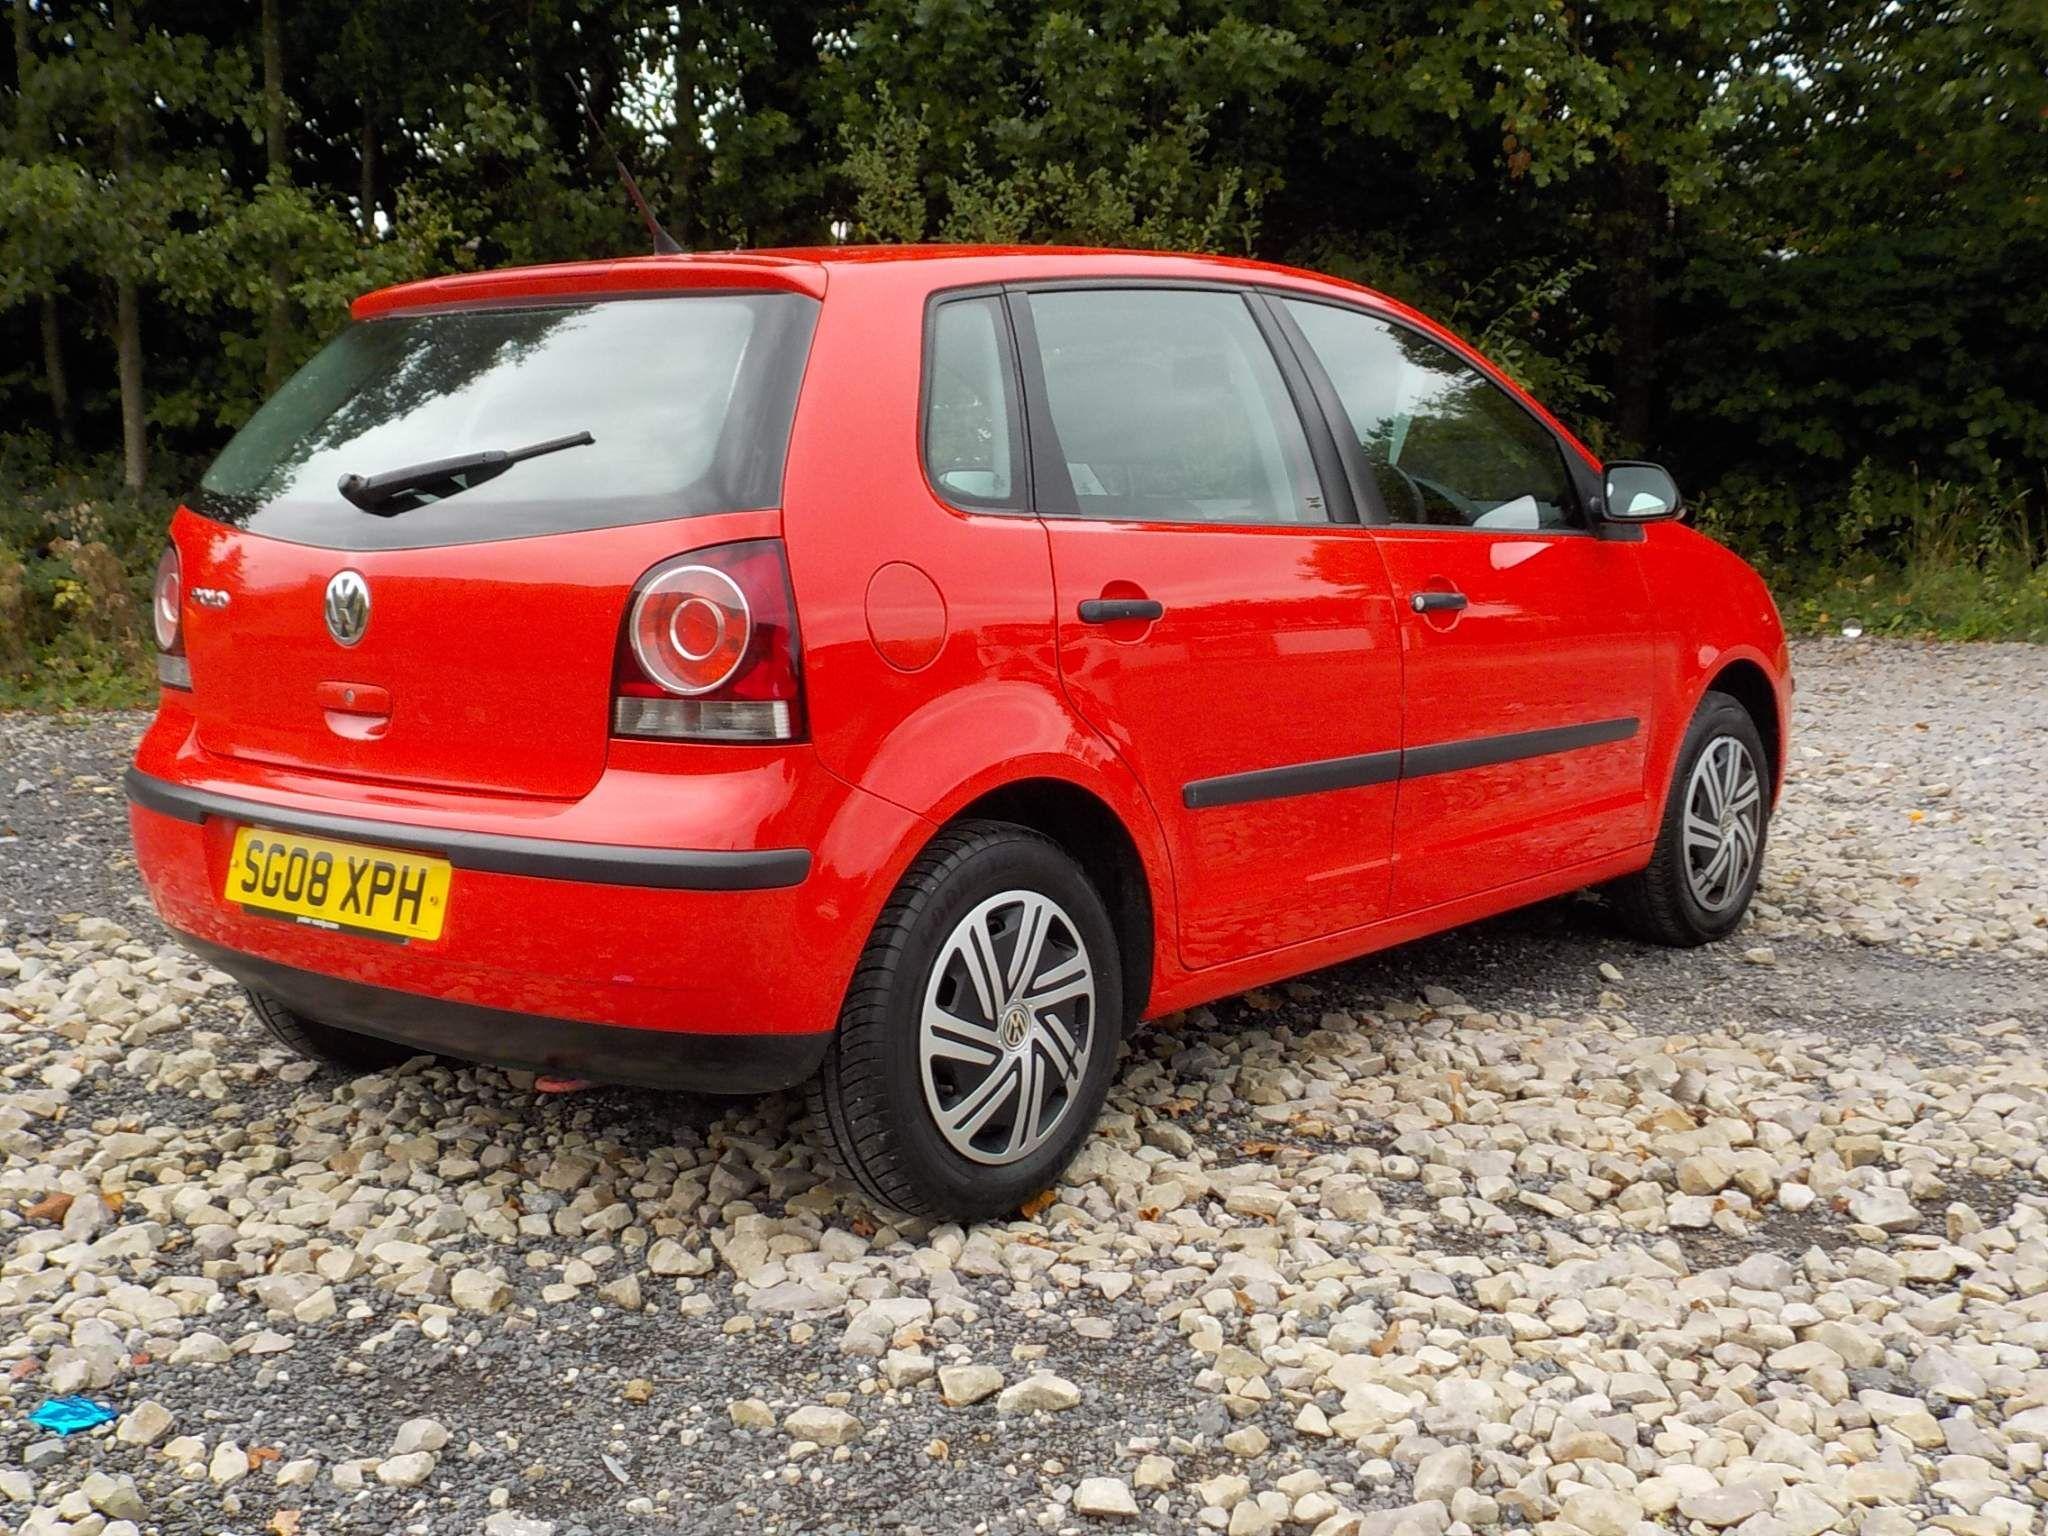 Volkswagen Polo 1.2 E 5dr